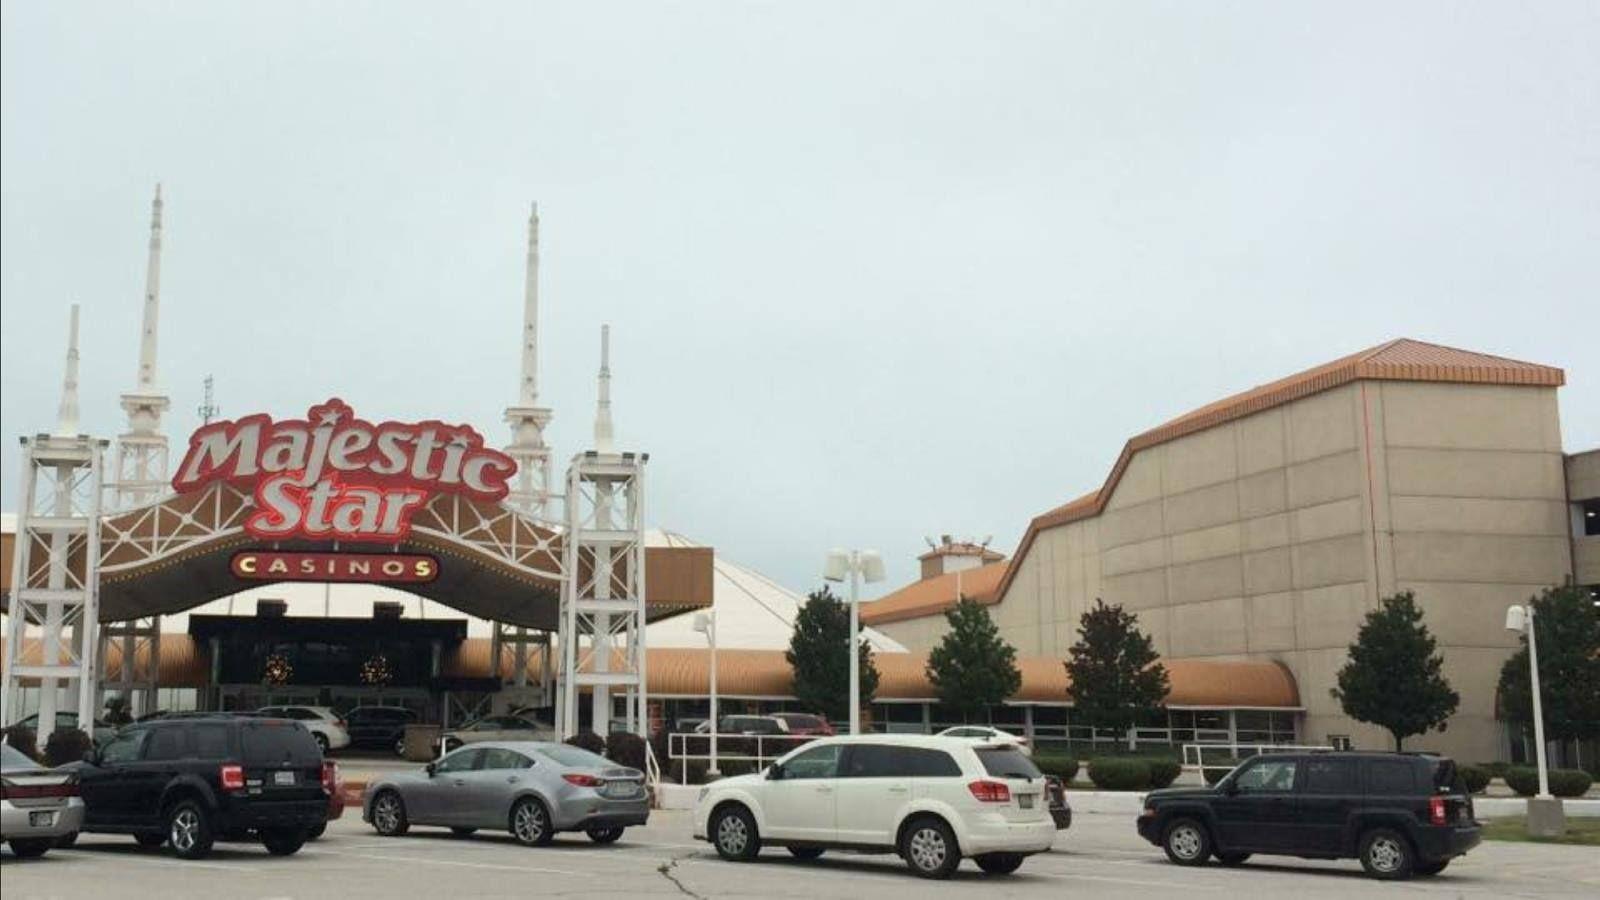 Indiana Senate Approves Controversial Terre Haute Casino